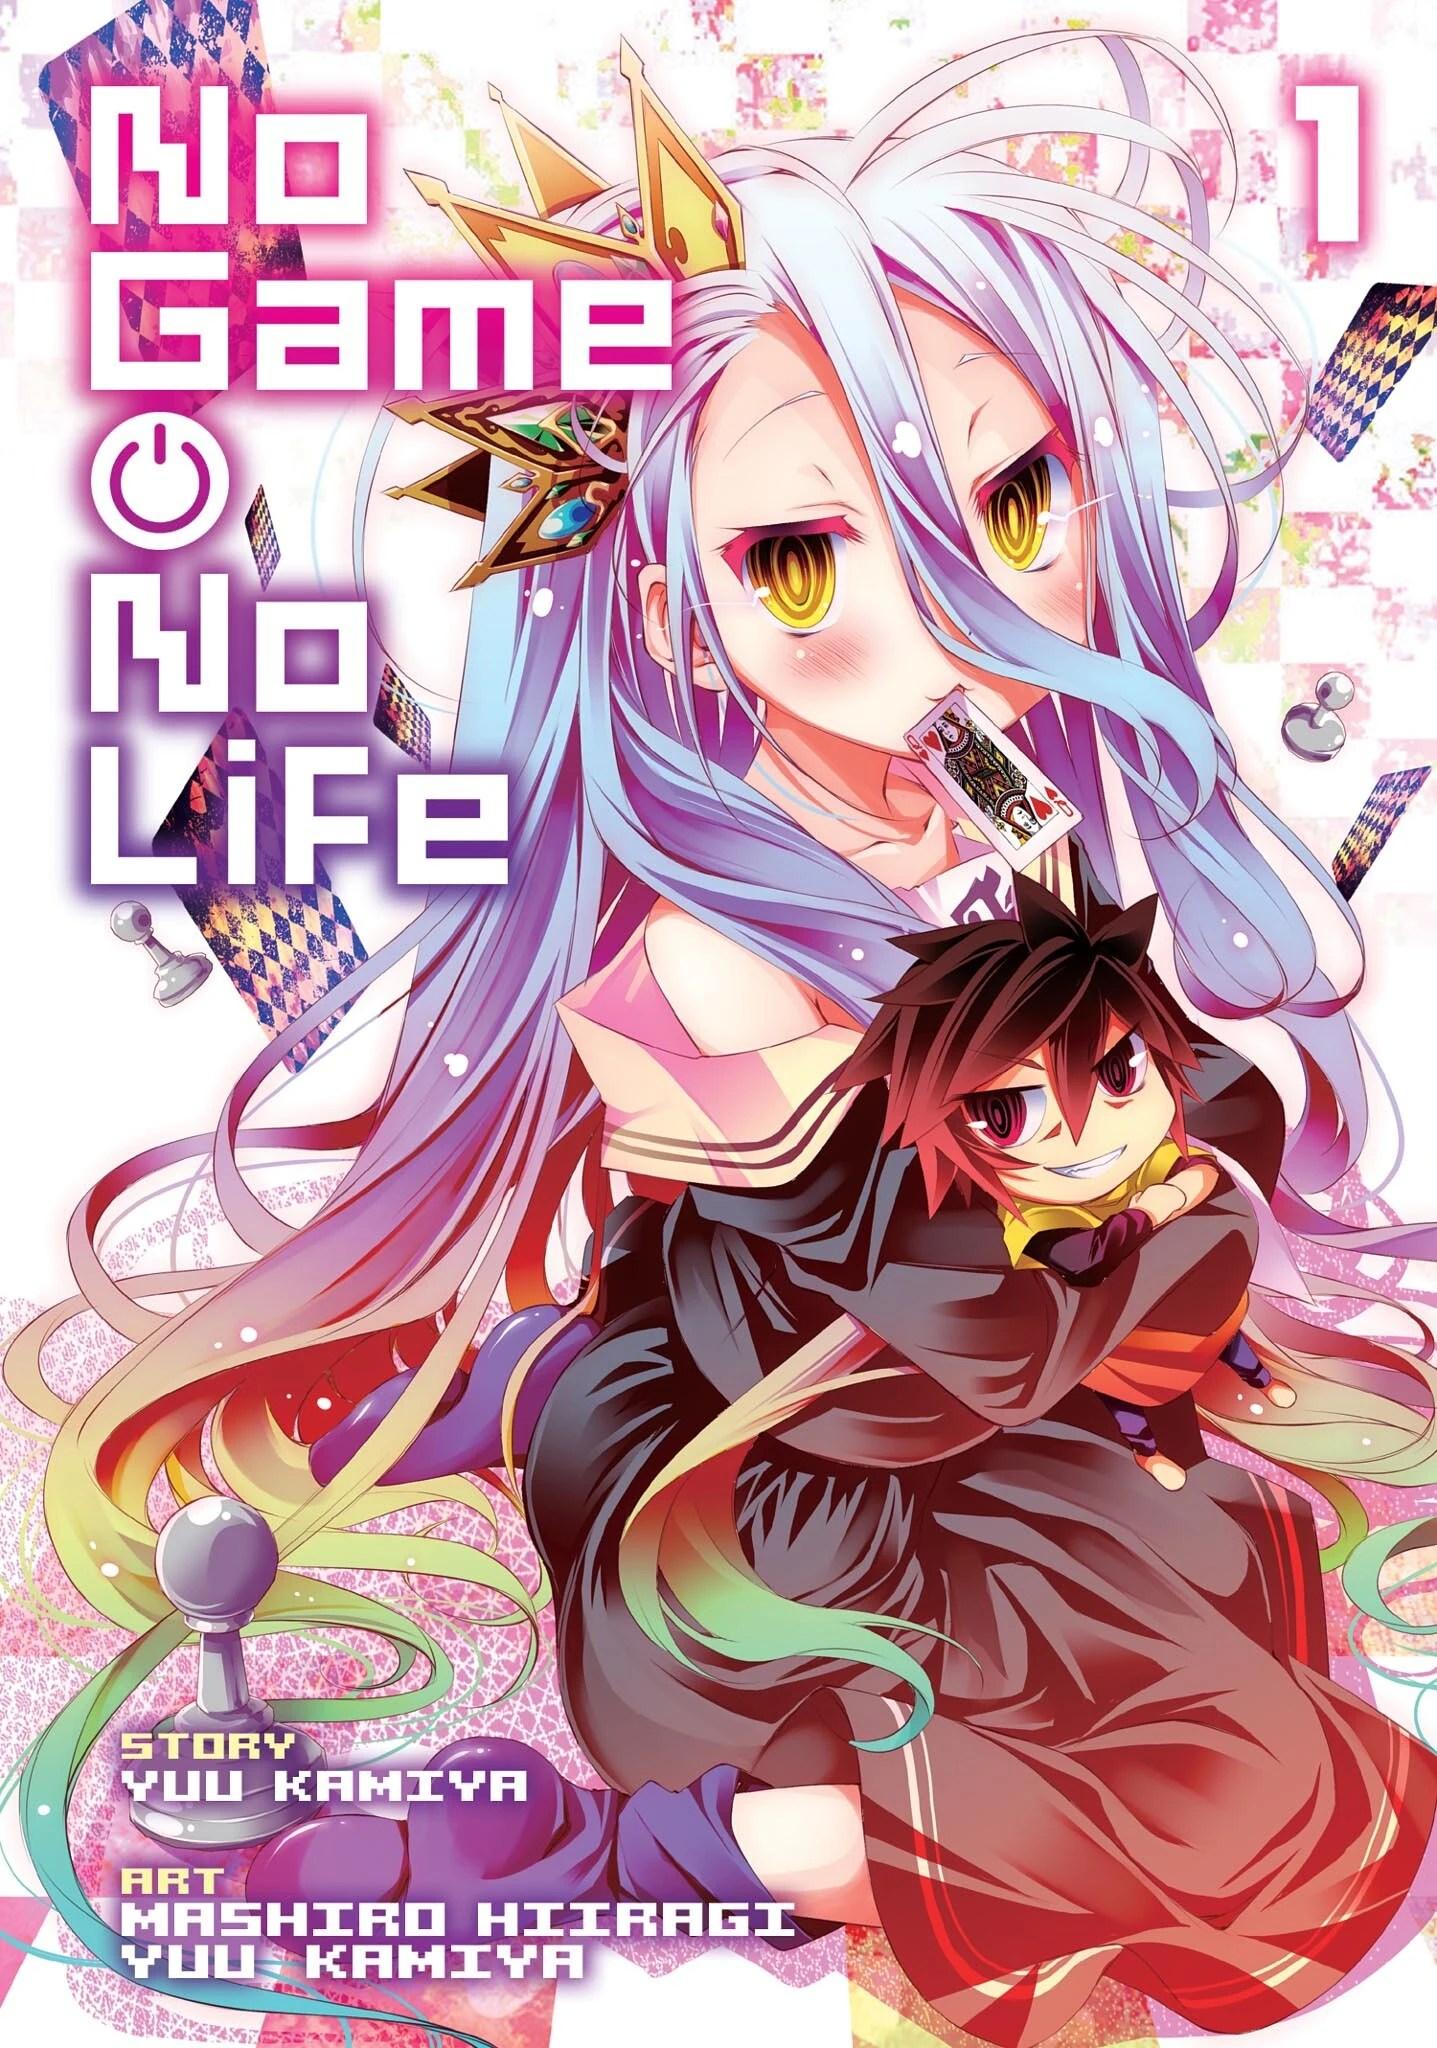 photo Shiro No Game No Life shiro no game no life wiki fandom